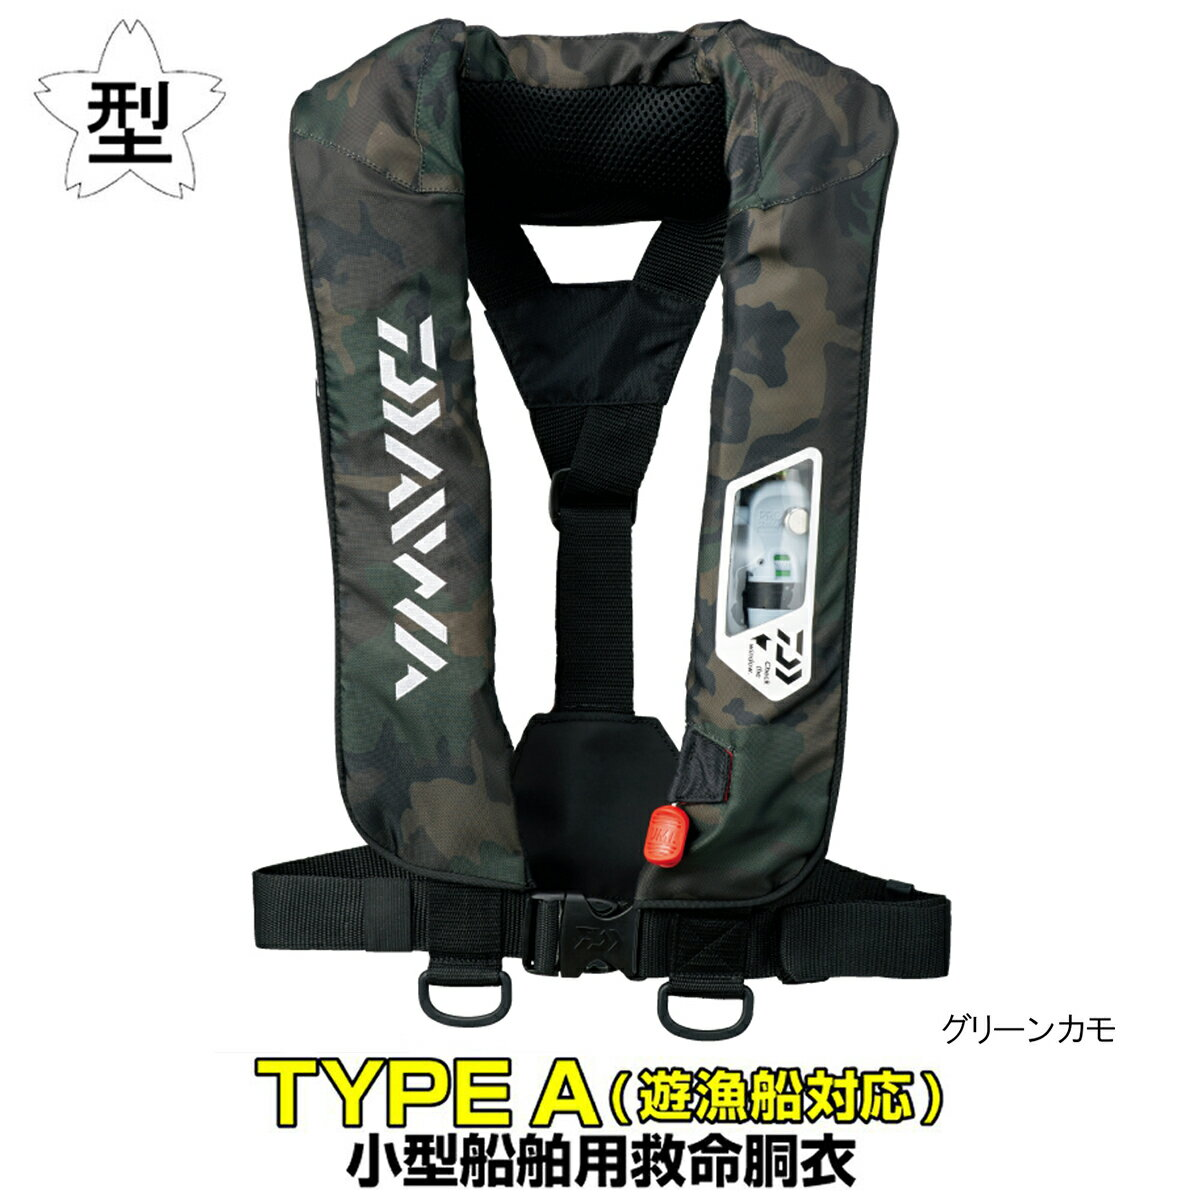 ダイワ ウォッシャブルライフジャケット(肩掛けタイプ手動・自動膨脹式) DF-2007 グリーンカモ ※遊漁船対応【送料無料】